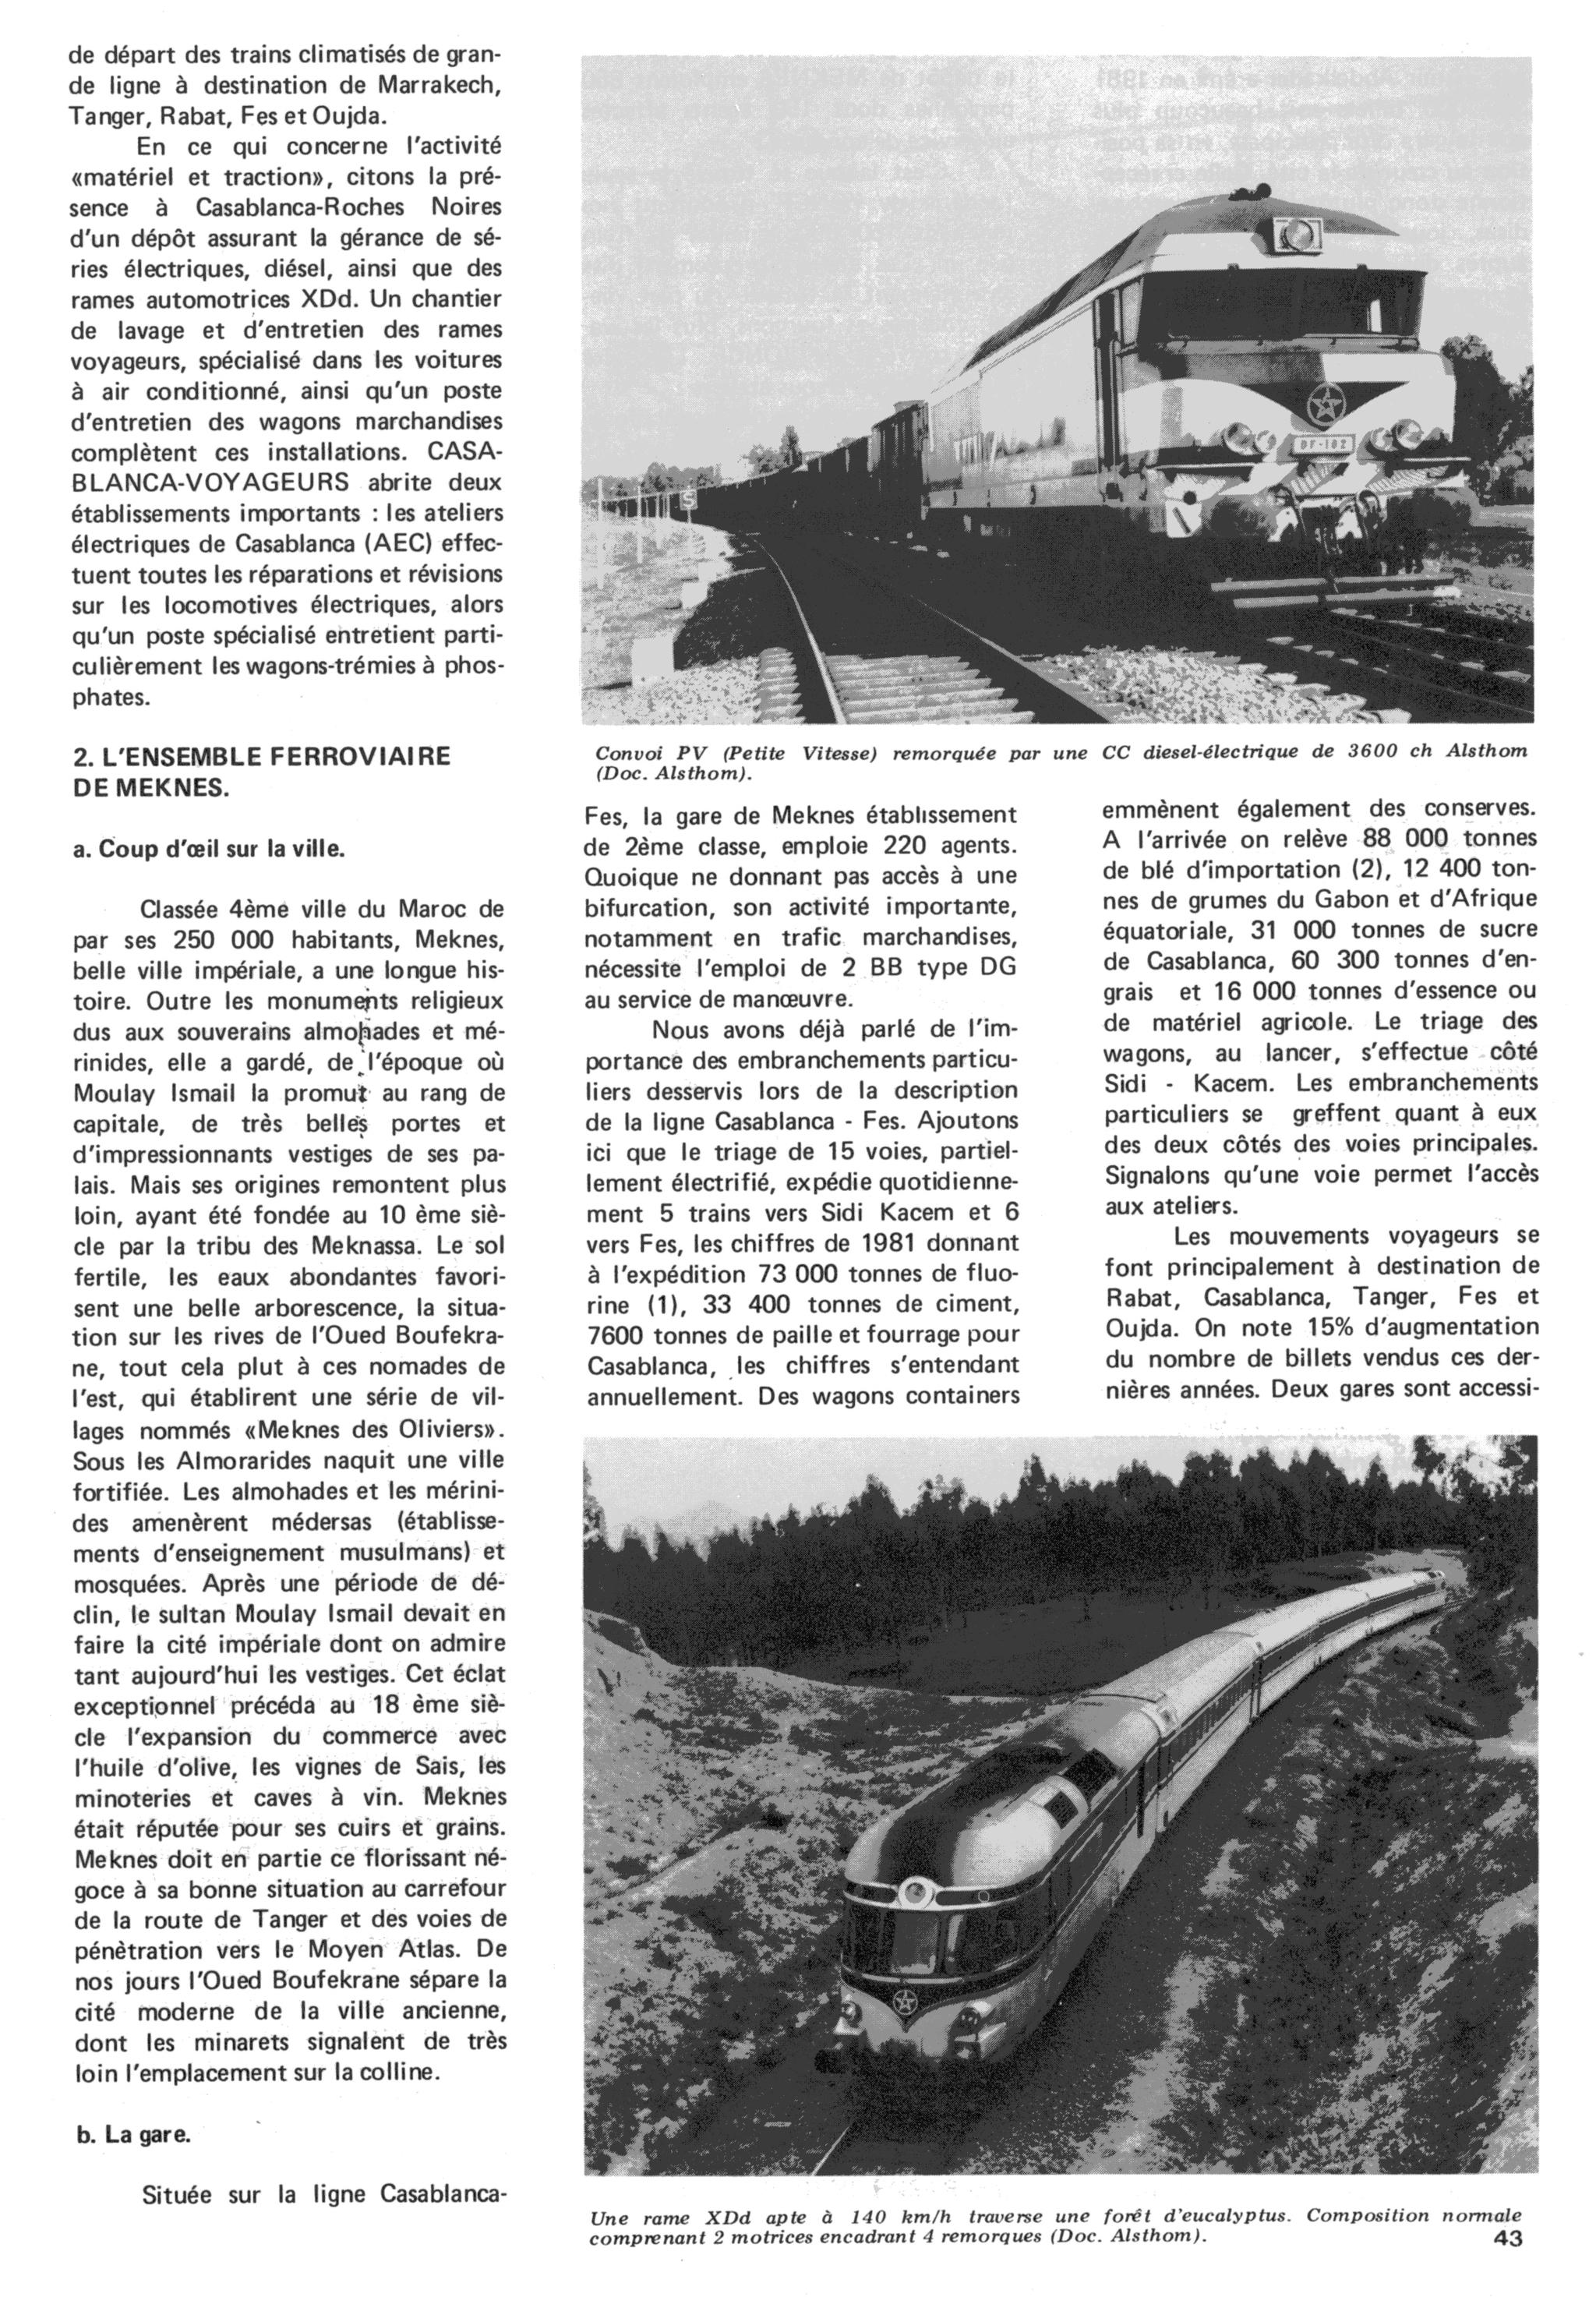 Chemins de Fer au Maroc - ONCF  - Page 4 49736697786_2e42b438f6_o_d